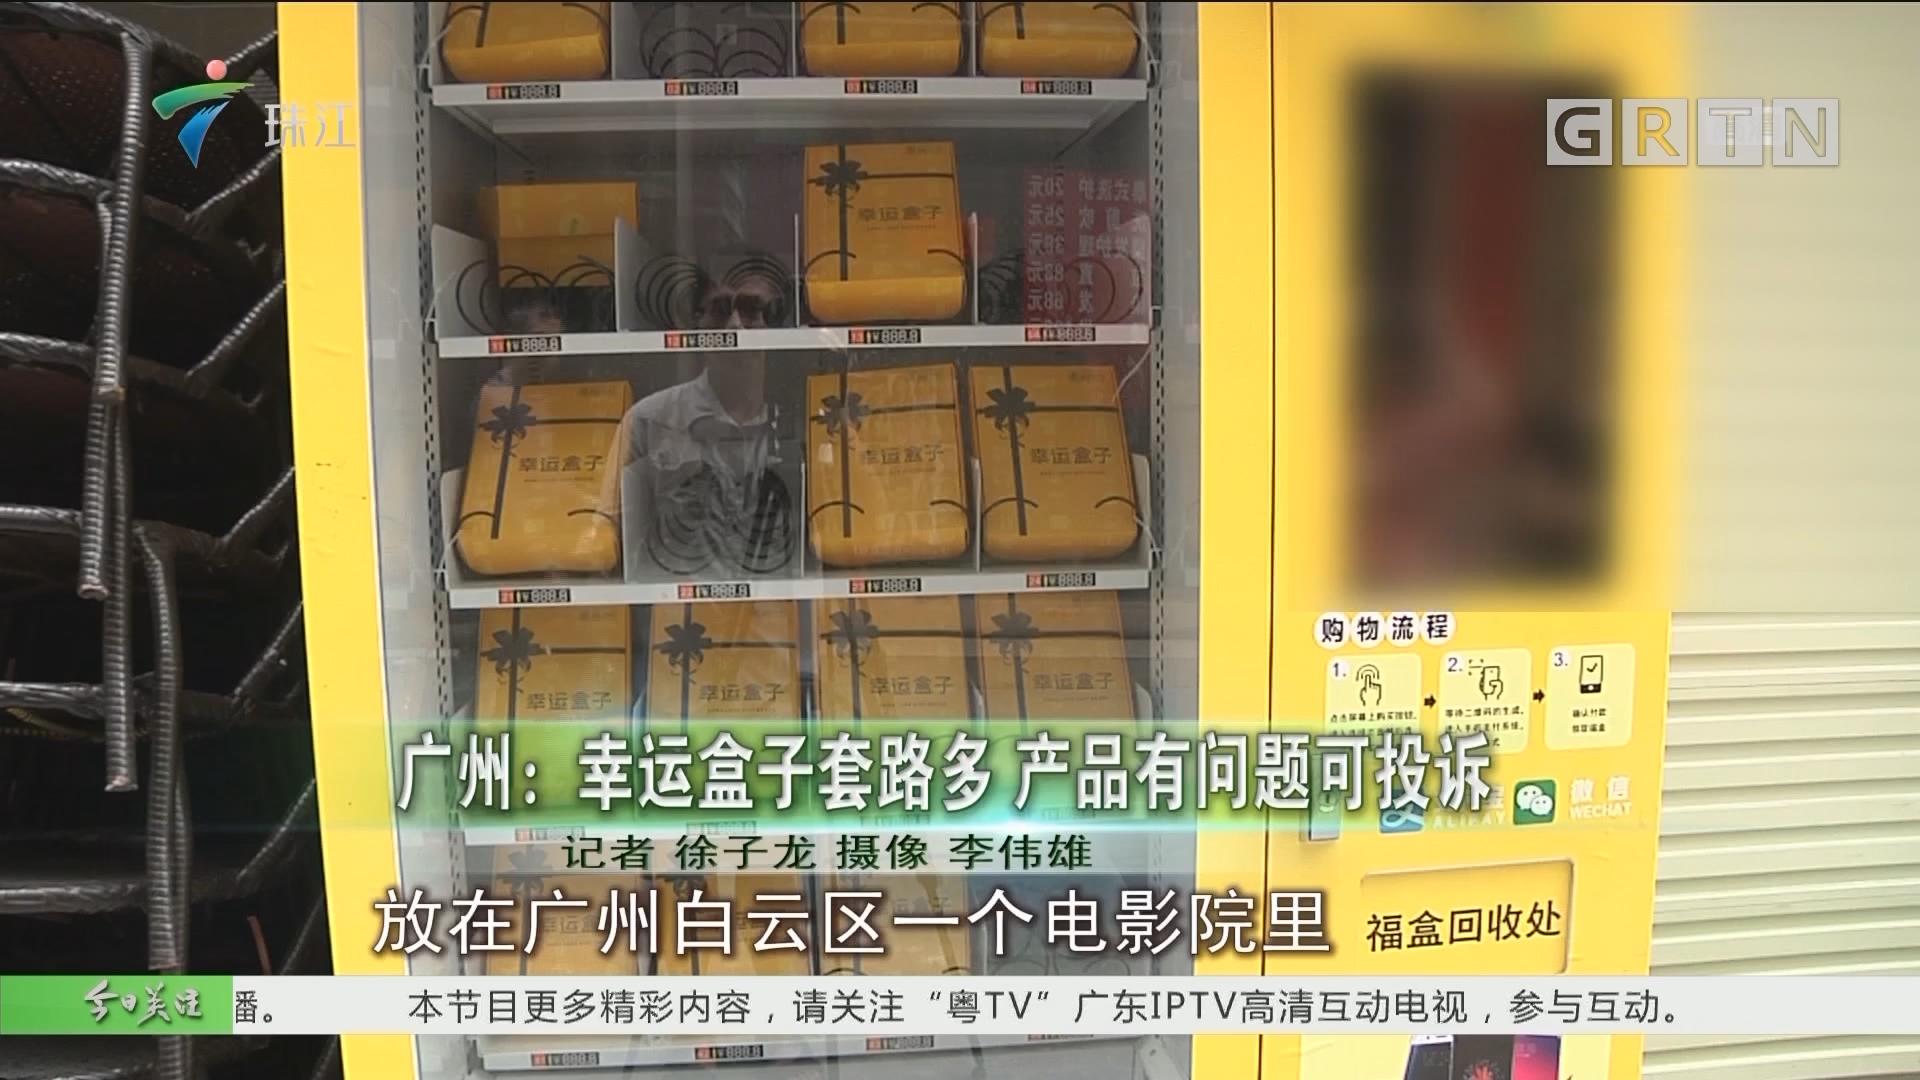 广州:幸运盒子套路多 产品有问题可投诉